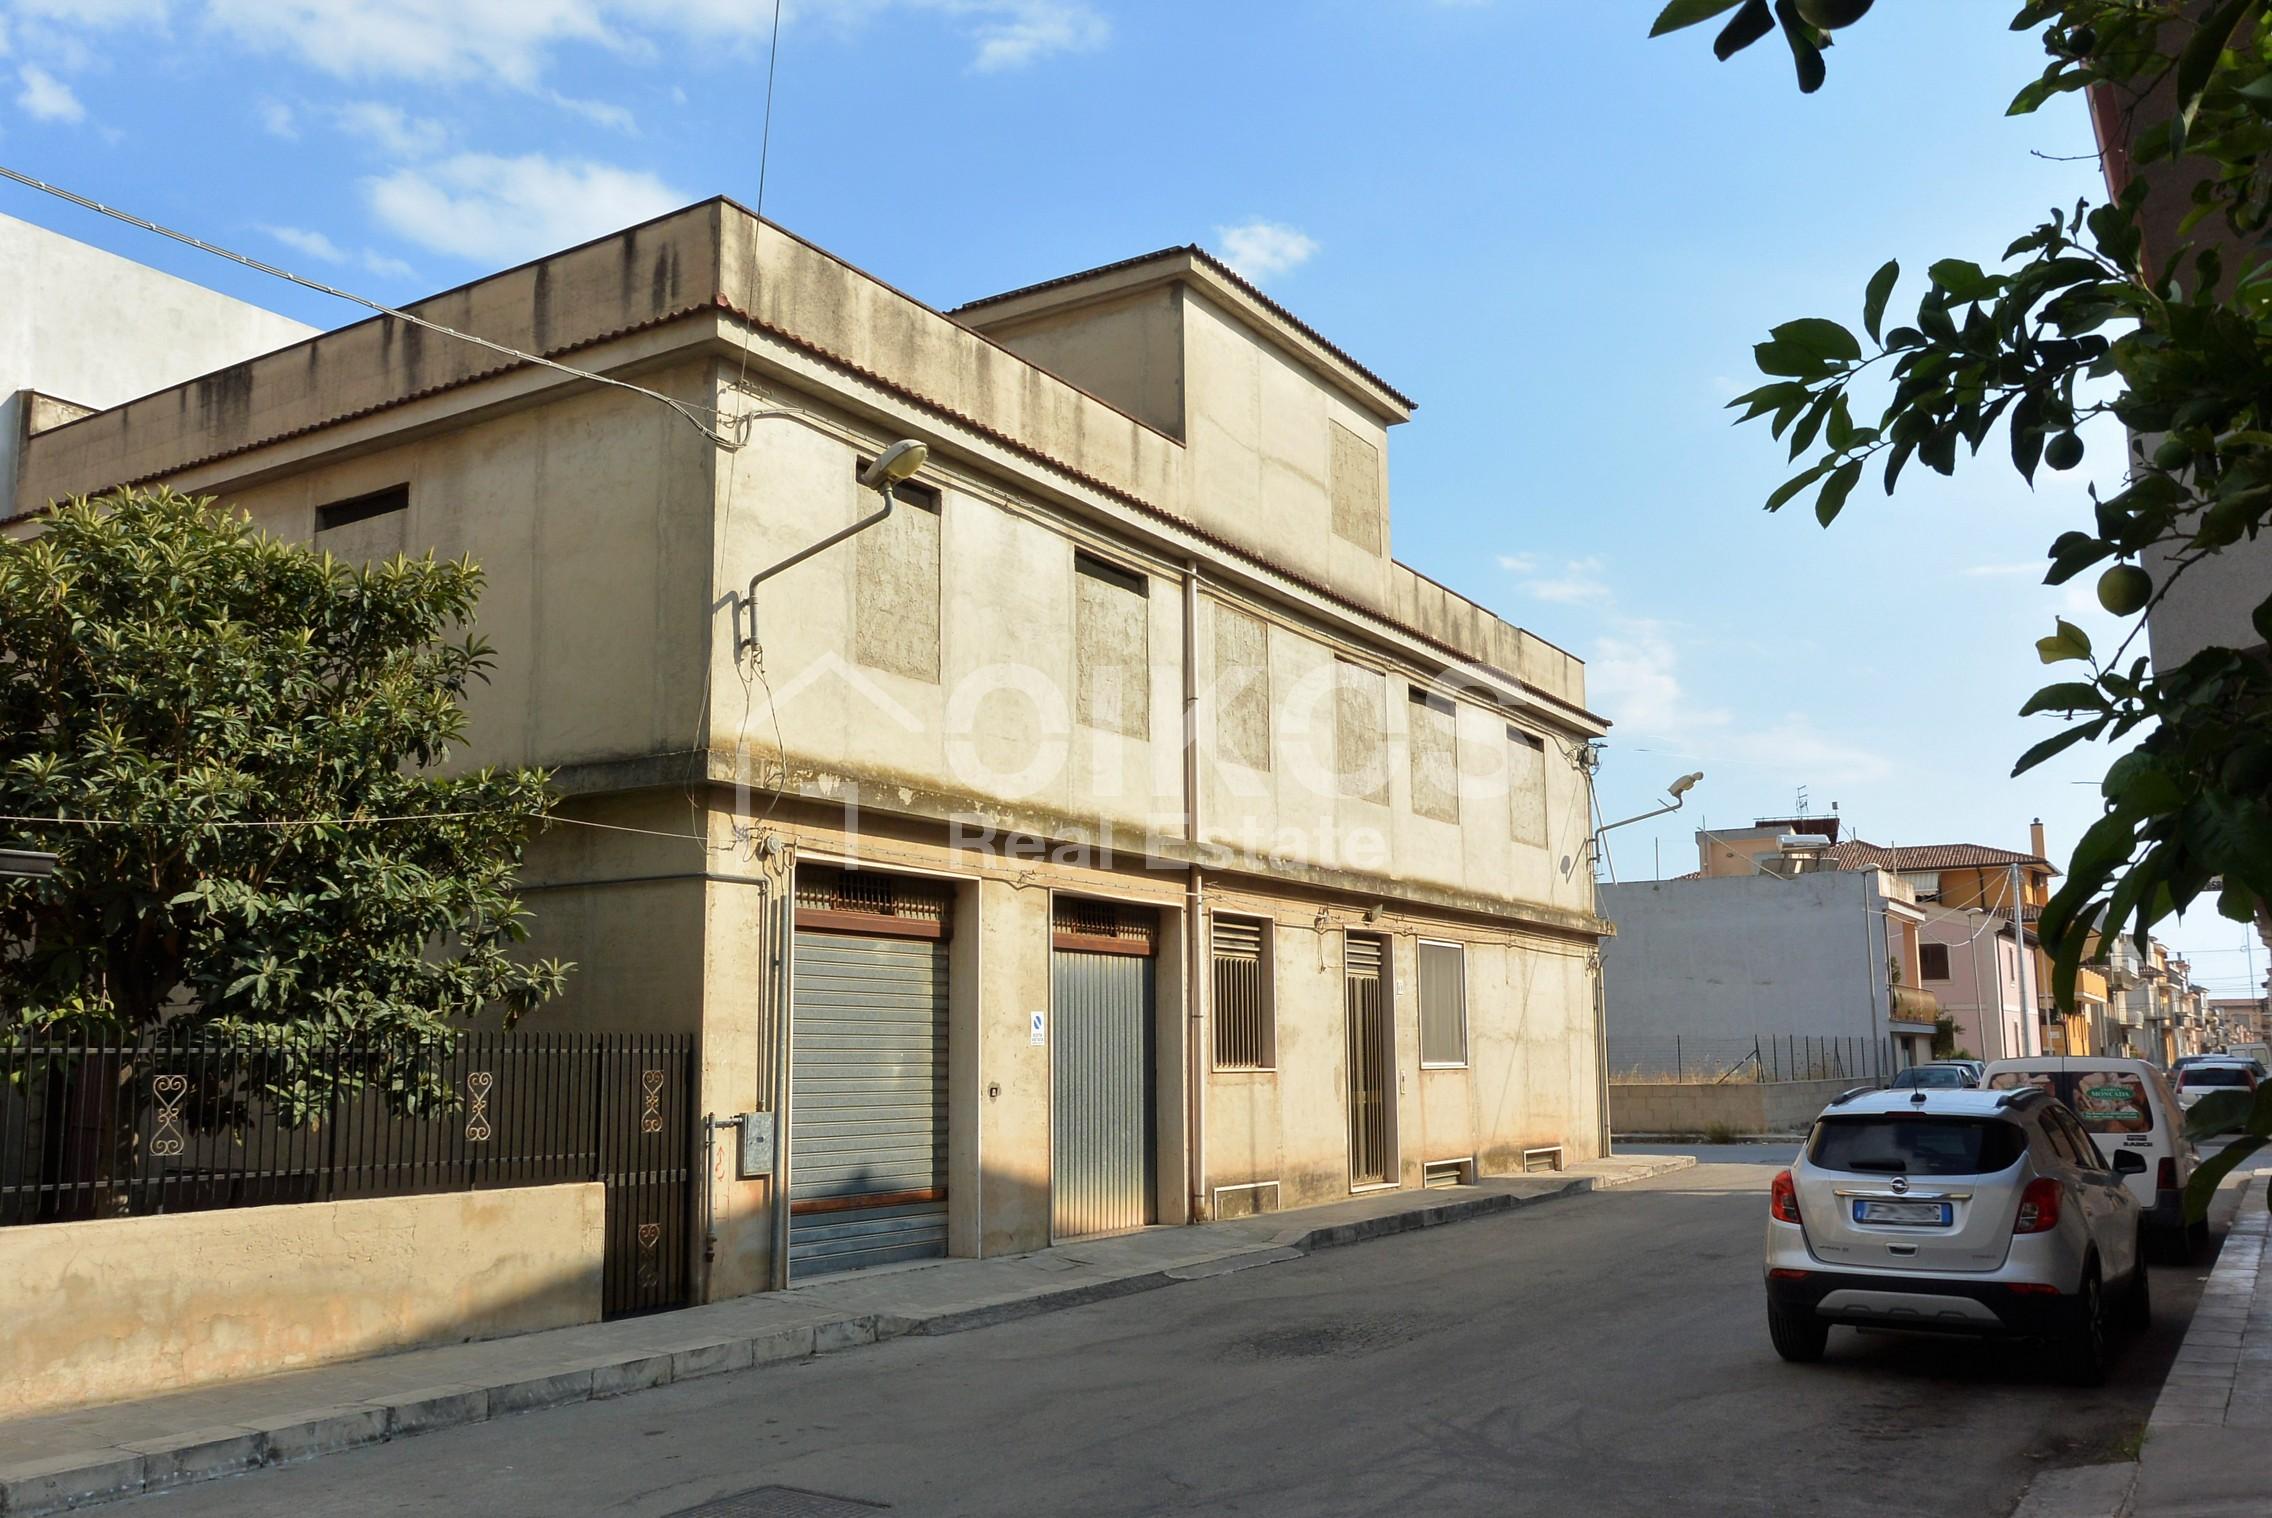 Unità immobiliare su tre livelli con garage e giardino 1